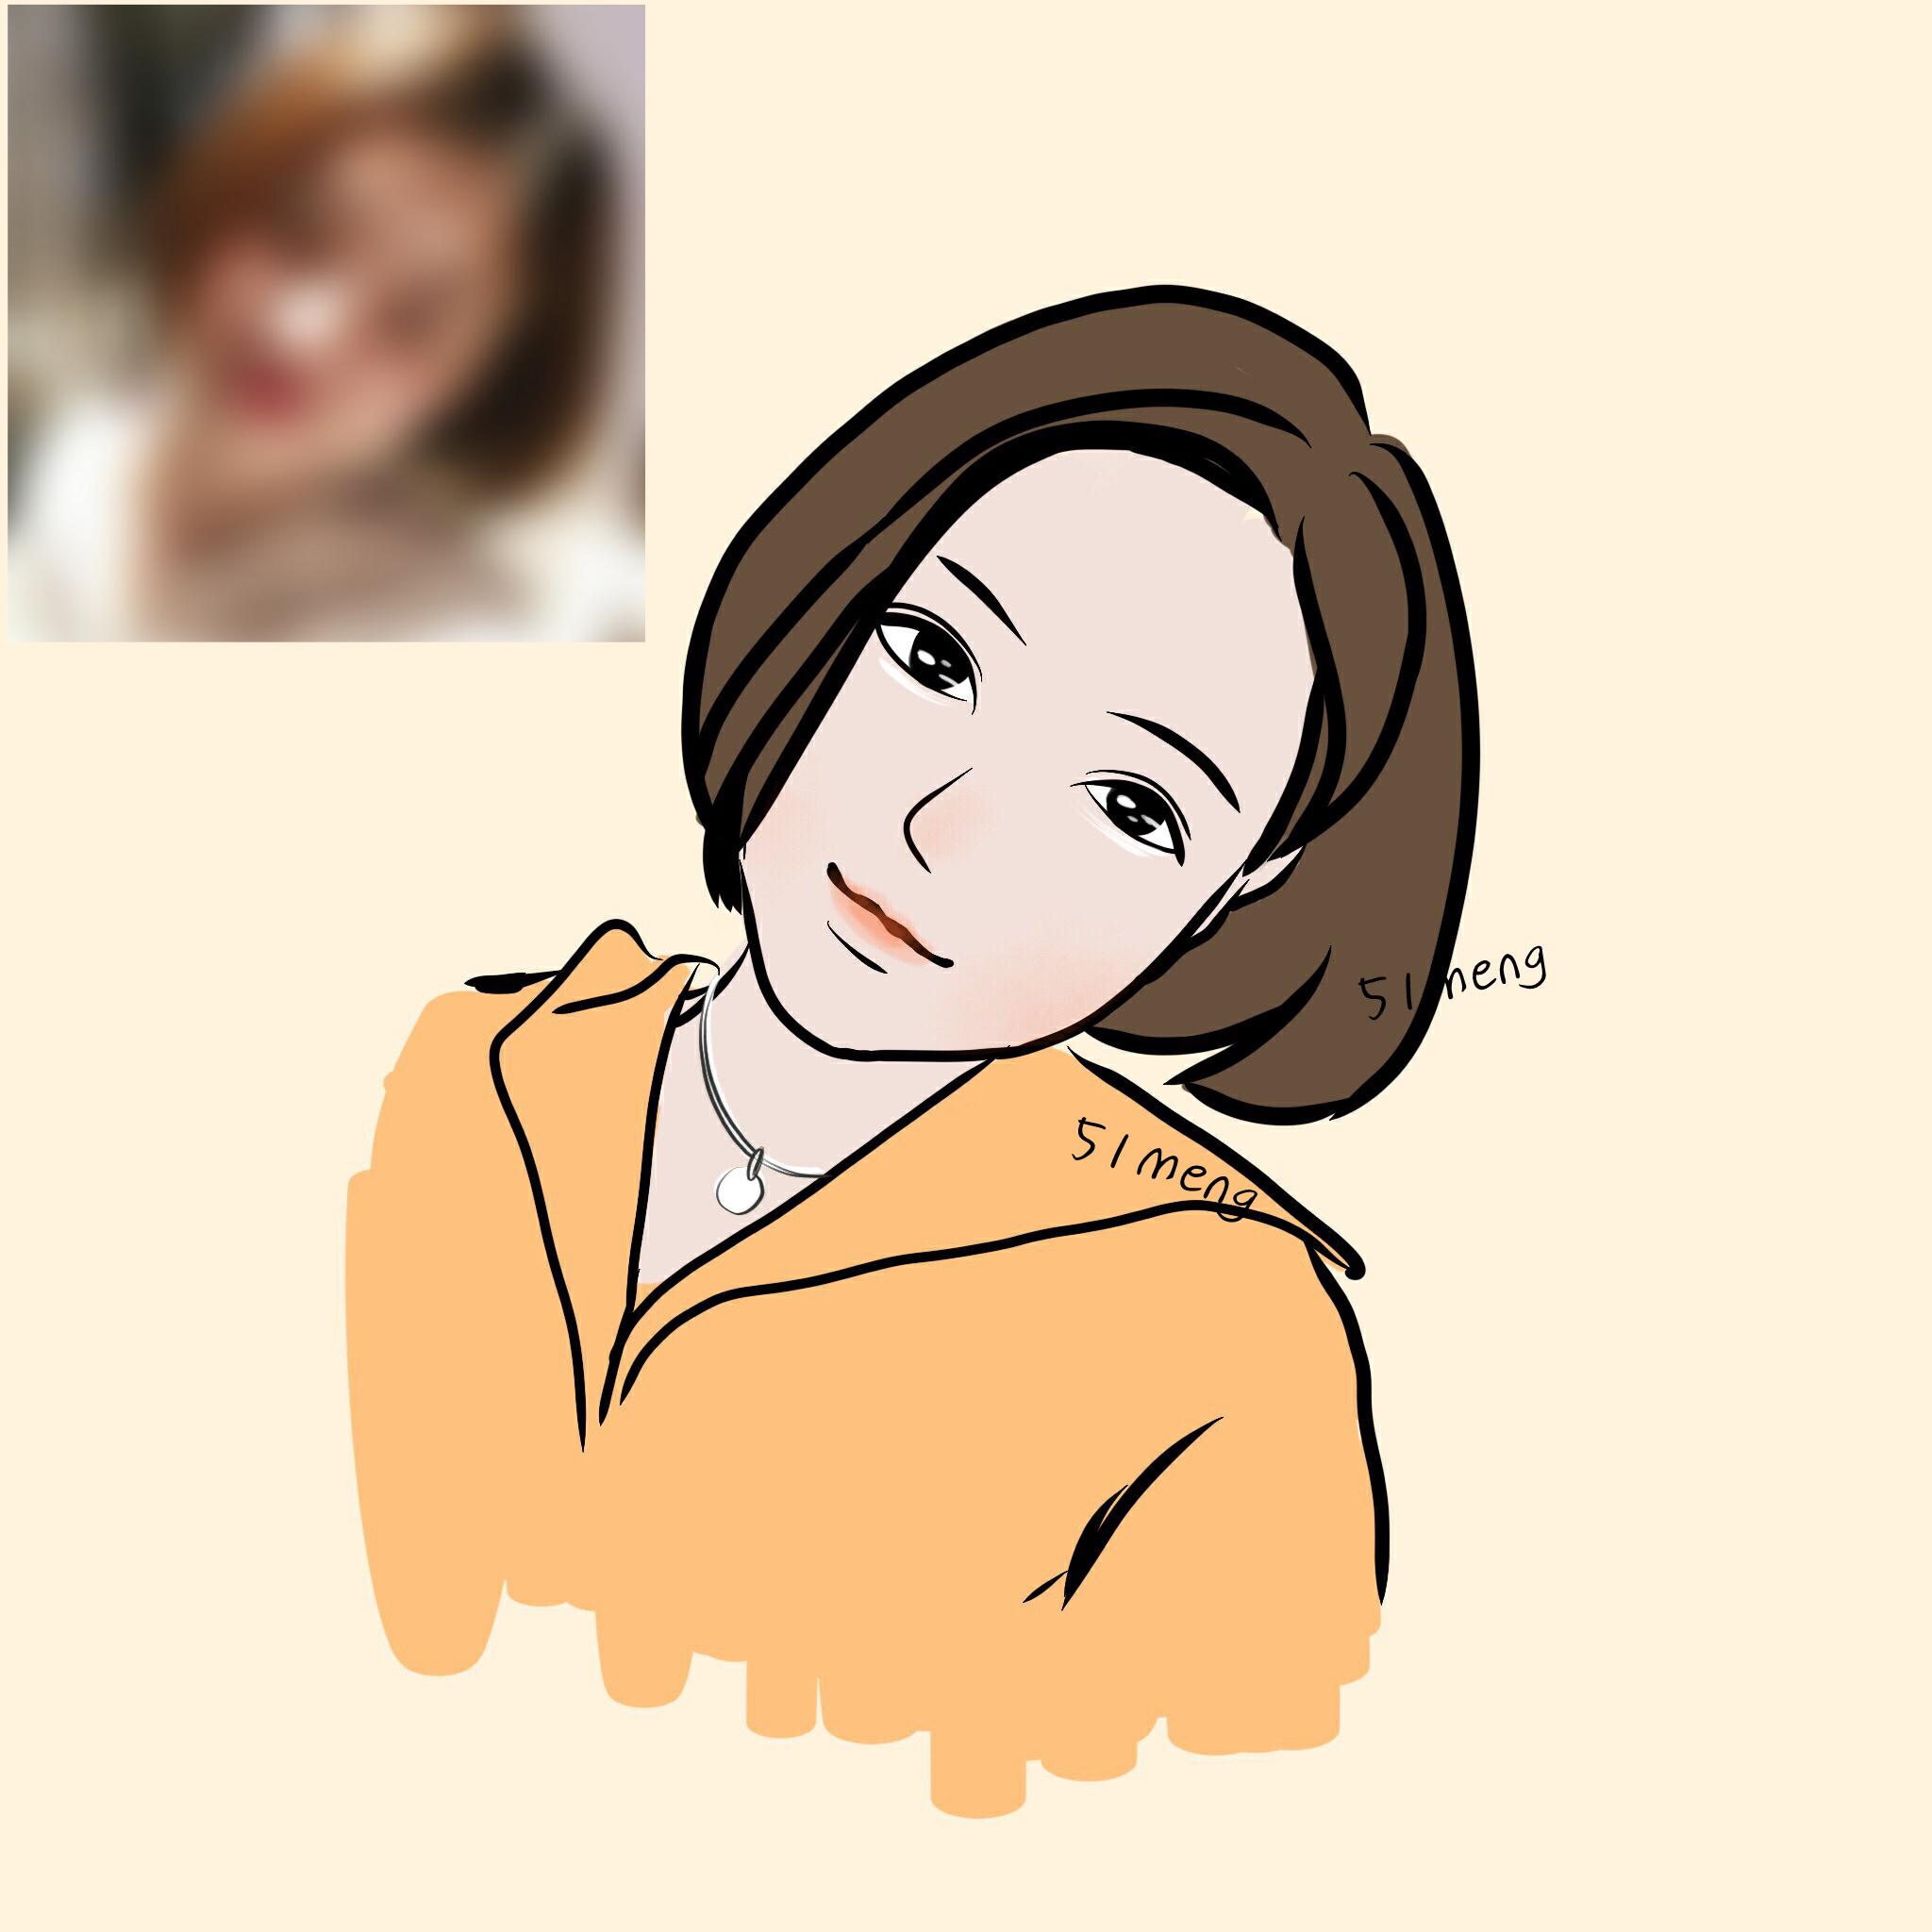 【51】动漫插画手绘头像设计定制真人自拍照片转手绘可爱萌情侣